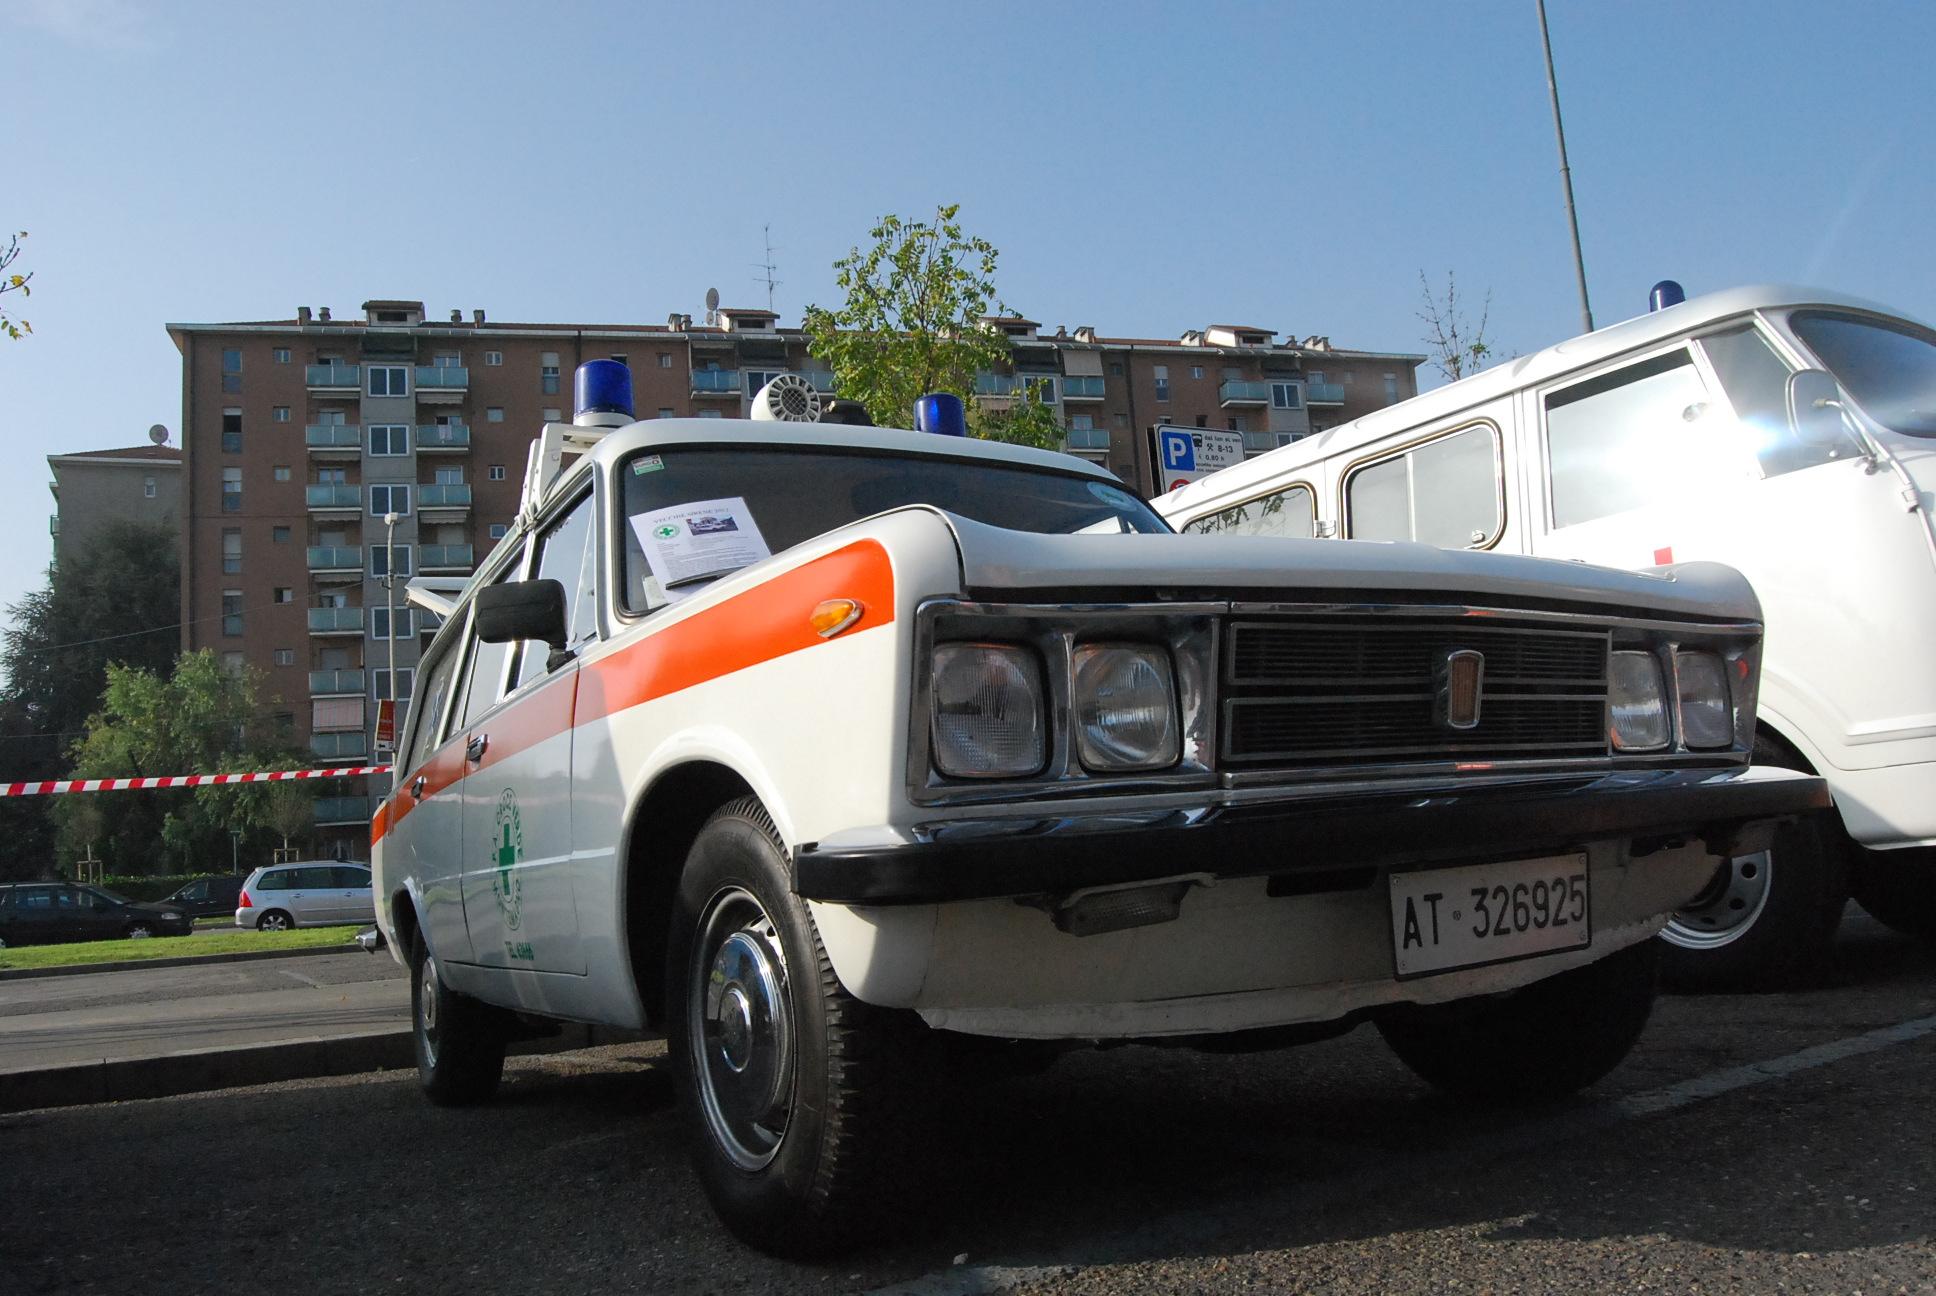 Foto 14: Fiat 125 Special, prodotta a partire dal 1970: le luci di posizione e le frecce sono ora sotto il paraurti anteriore; questo esemplare appartiene alla Croce Verde di Montemagno (AT) ed è stato reimmatricolato nel Novembre del 1991